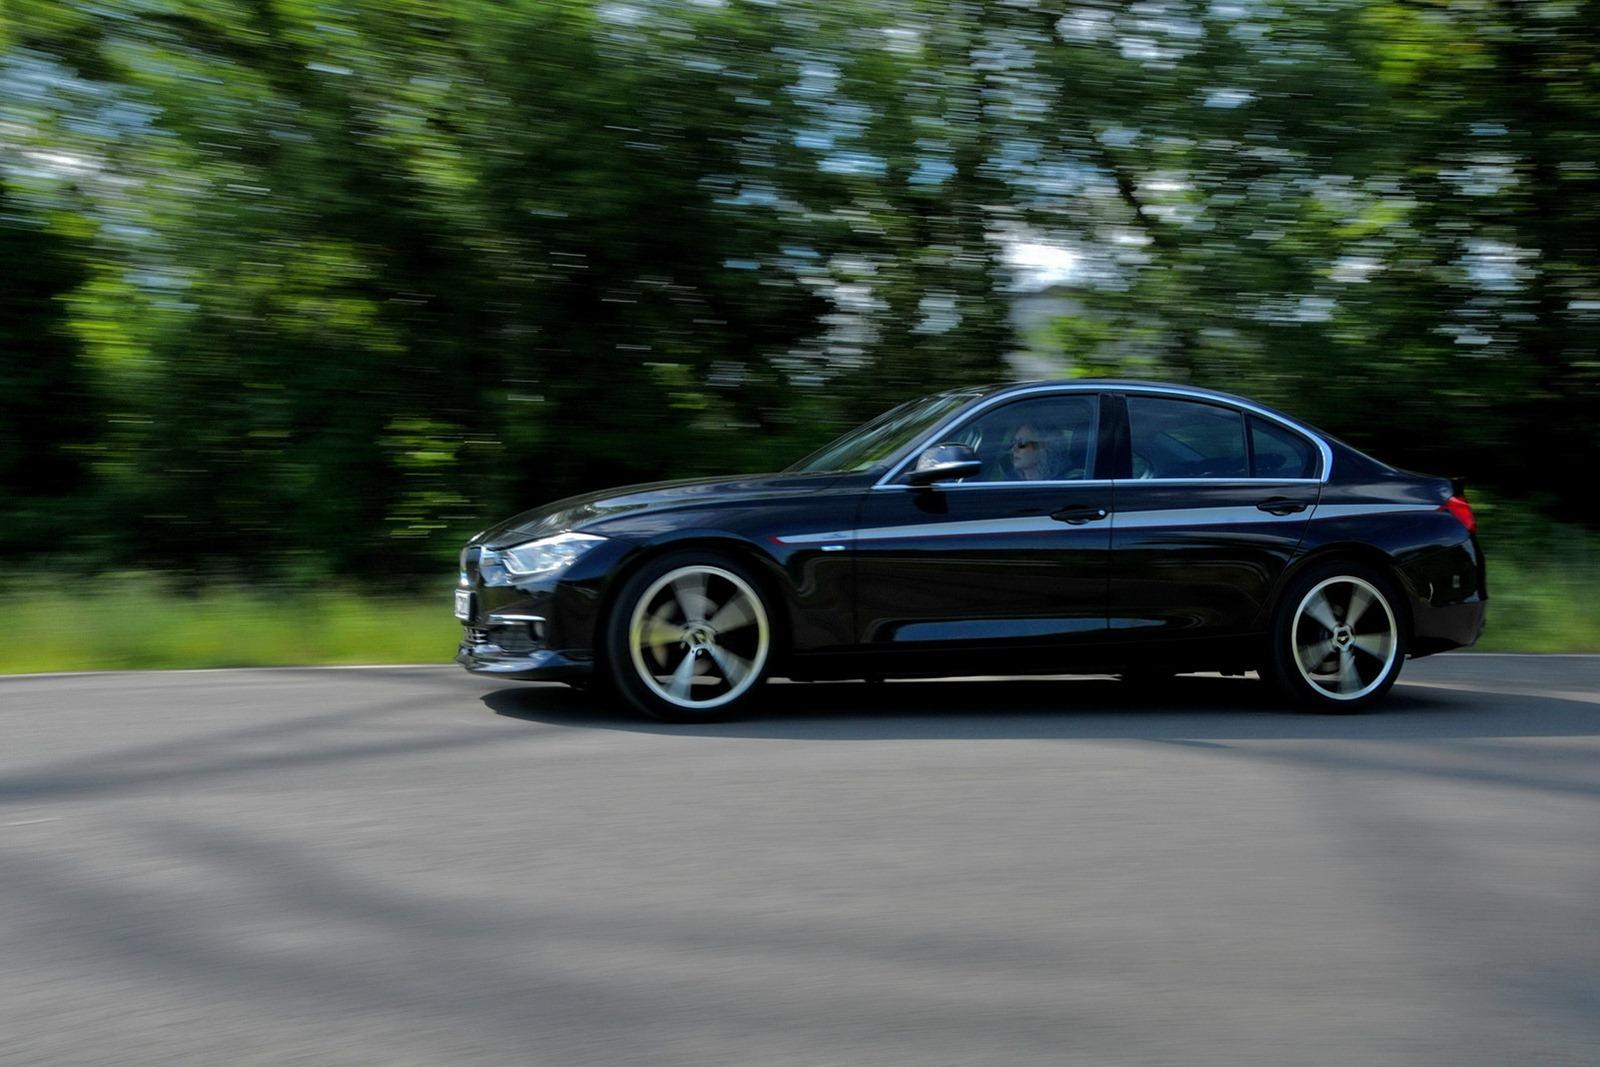 BMW 3 Series Sedan by AC Schnitzer